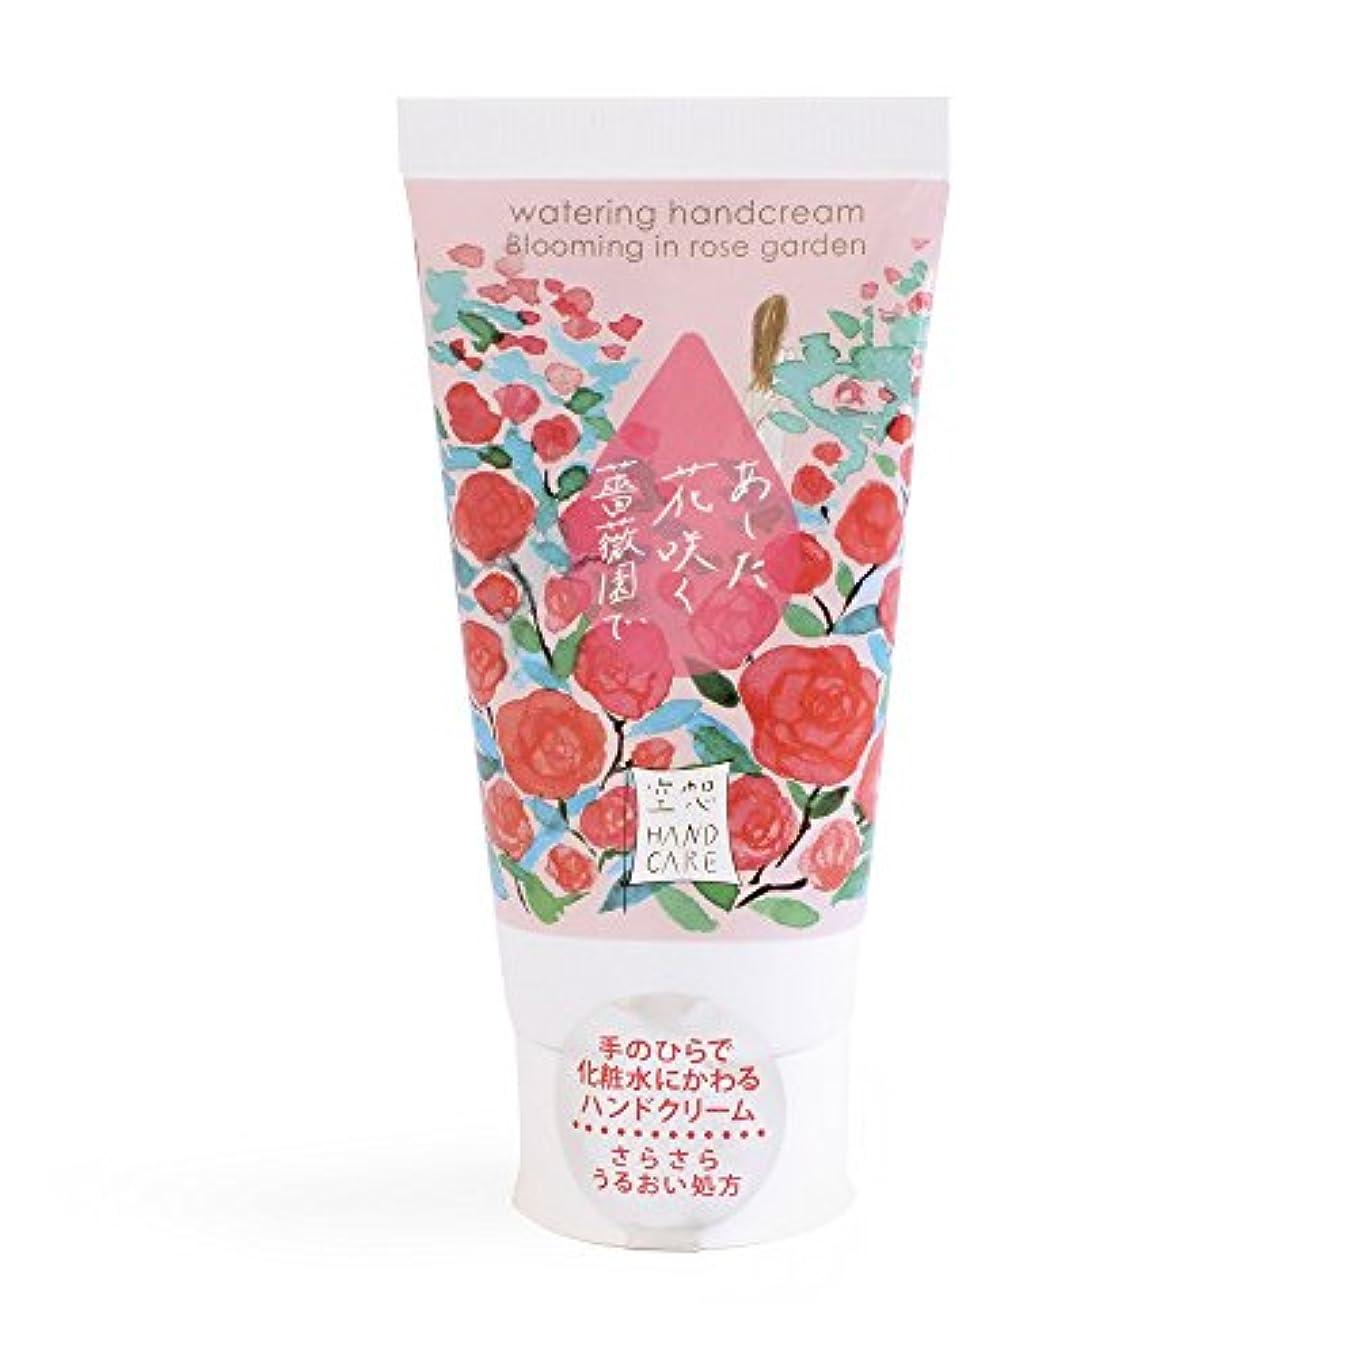 申請者に渡って抽出空想ウォータリングハンドクリーム あした花咲く薔薇園で